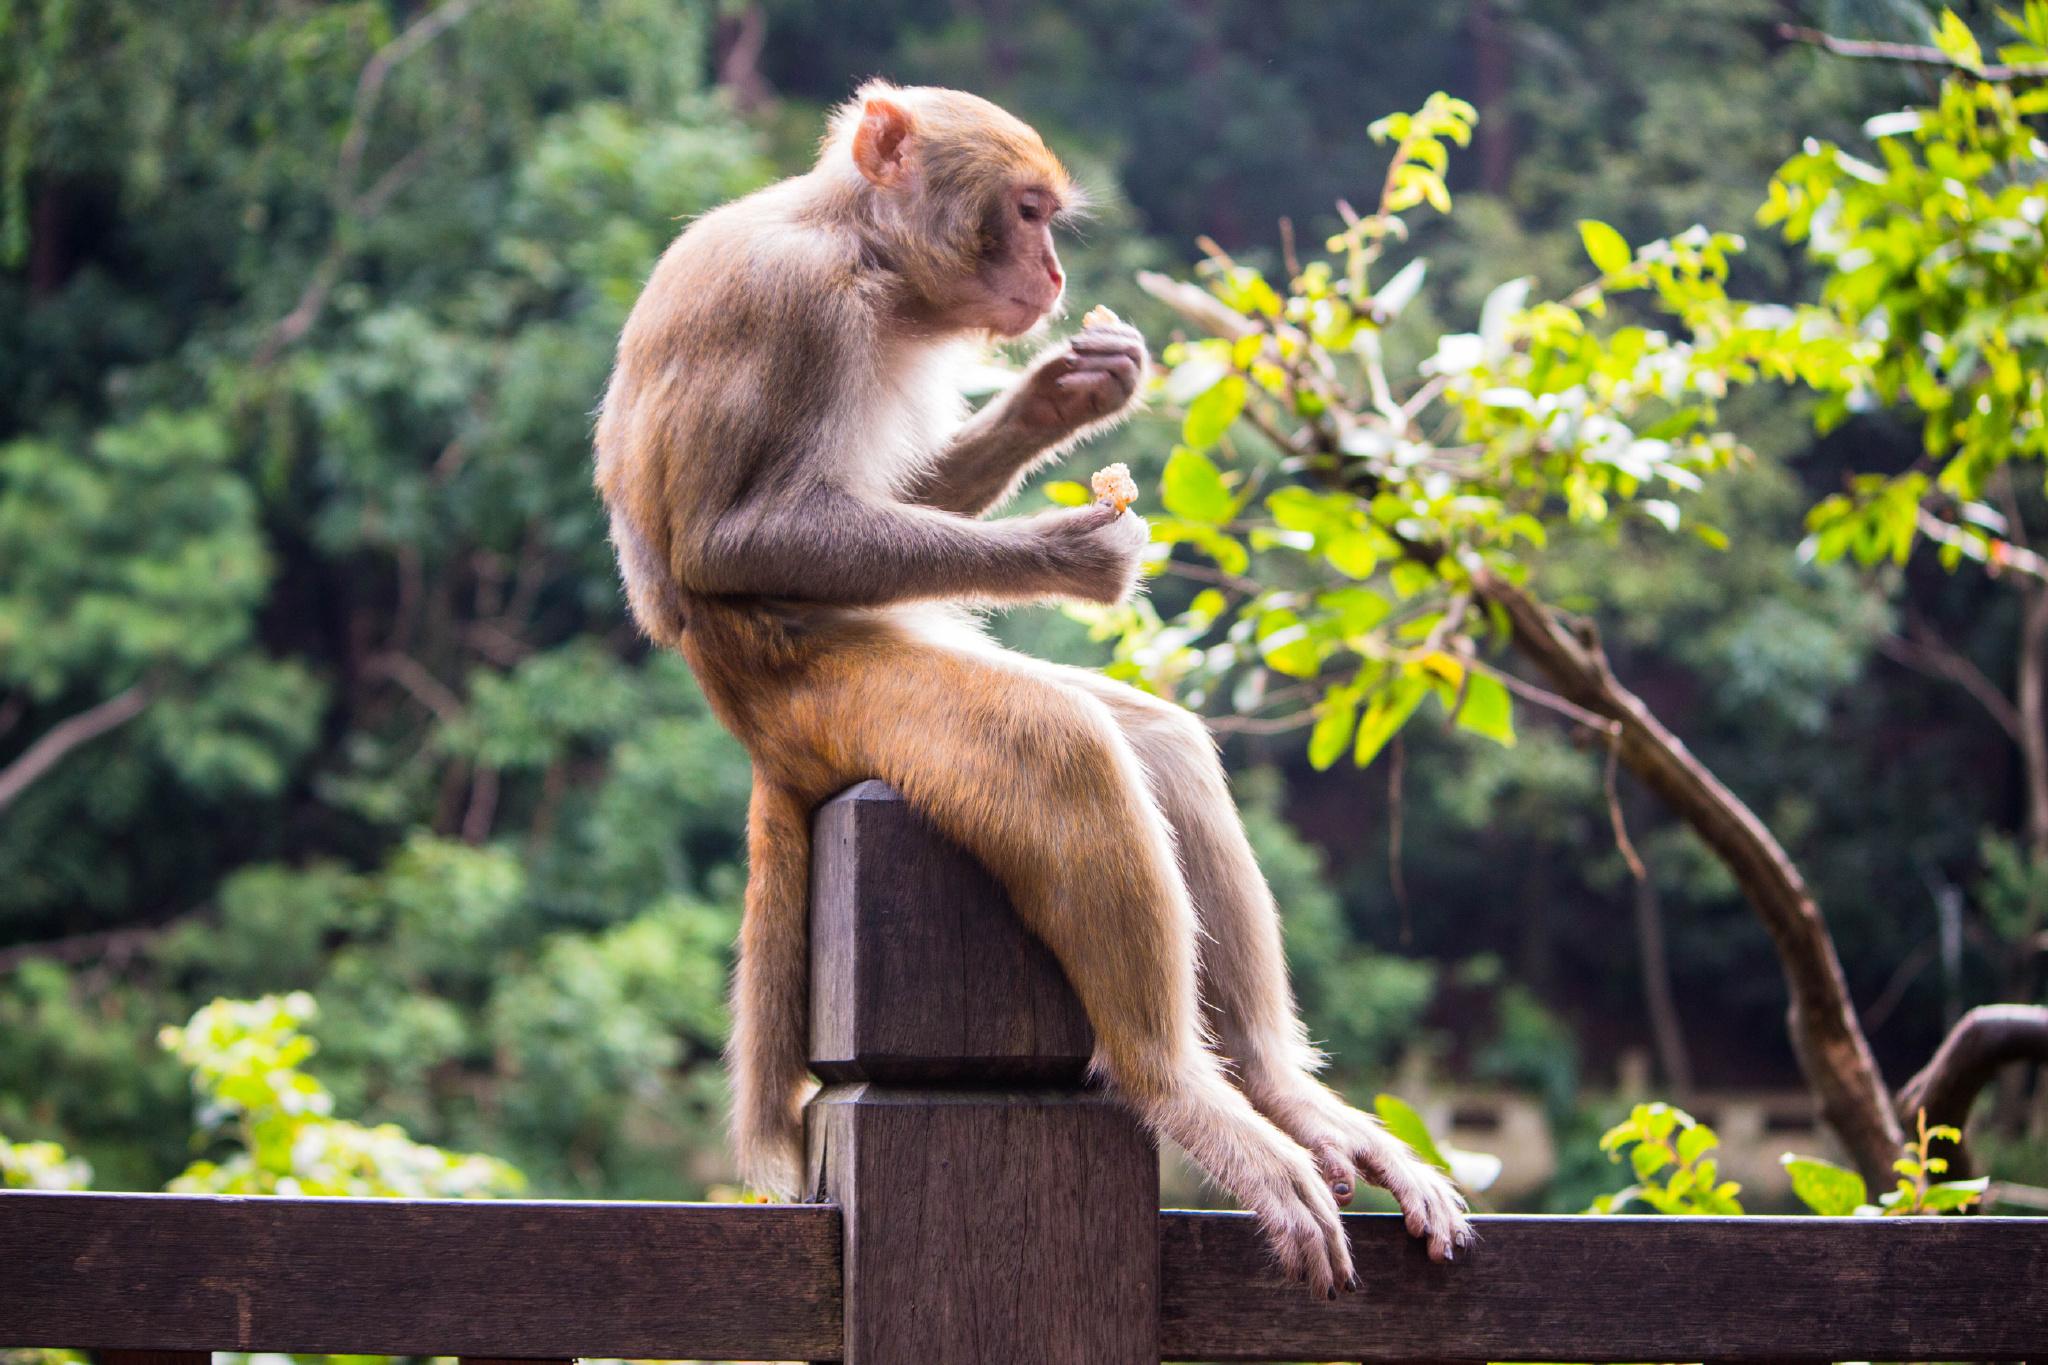 移除 摄影/游走旅行的摄影人   公园幽静的山谷里建有动物园,清泉